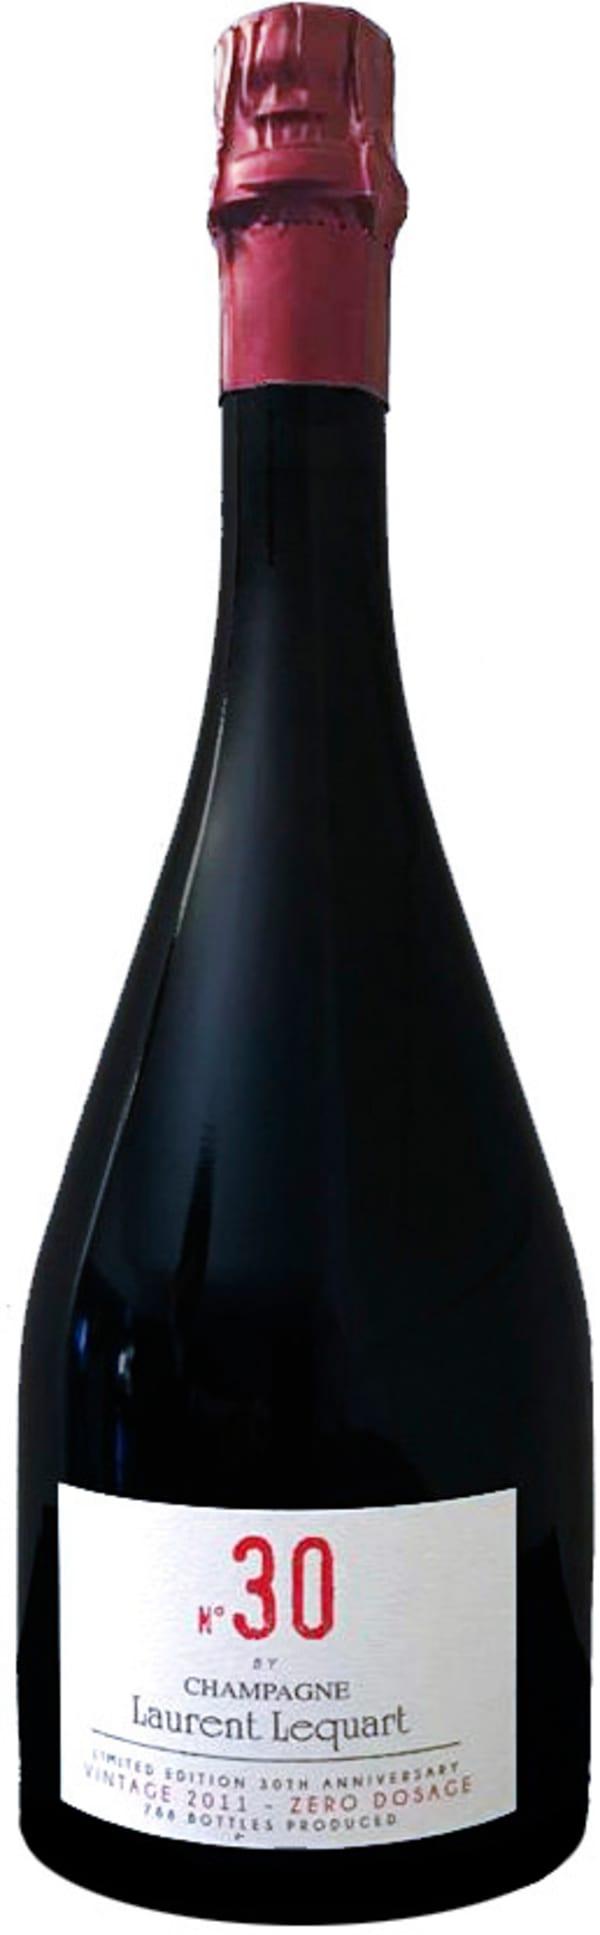 Laurent Lequart N° 30 Vintage Champagne Zéro Dosage 2011